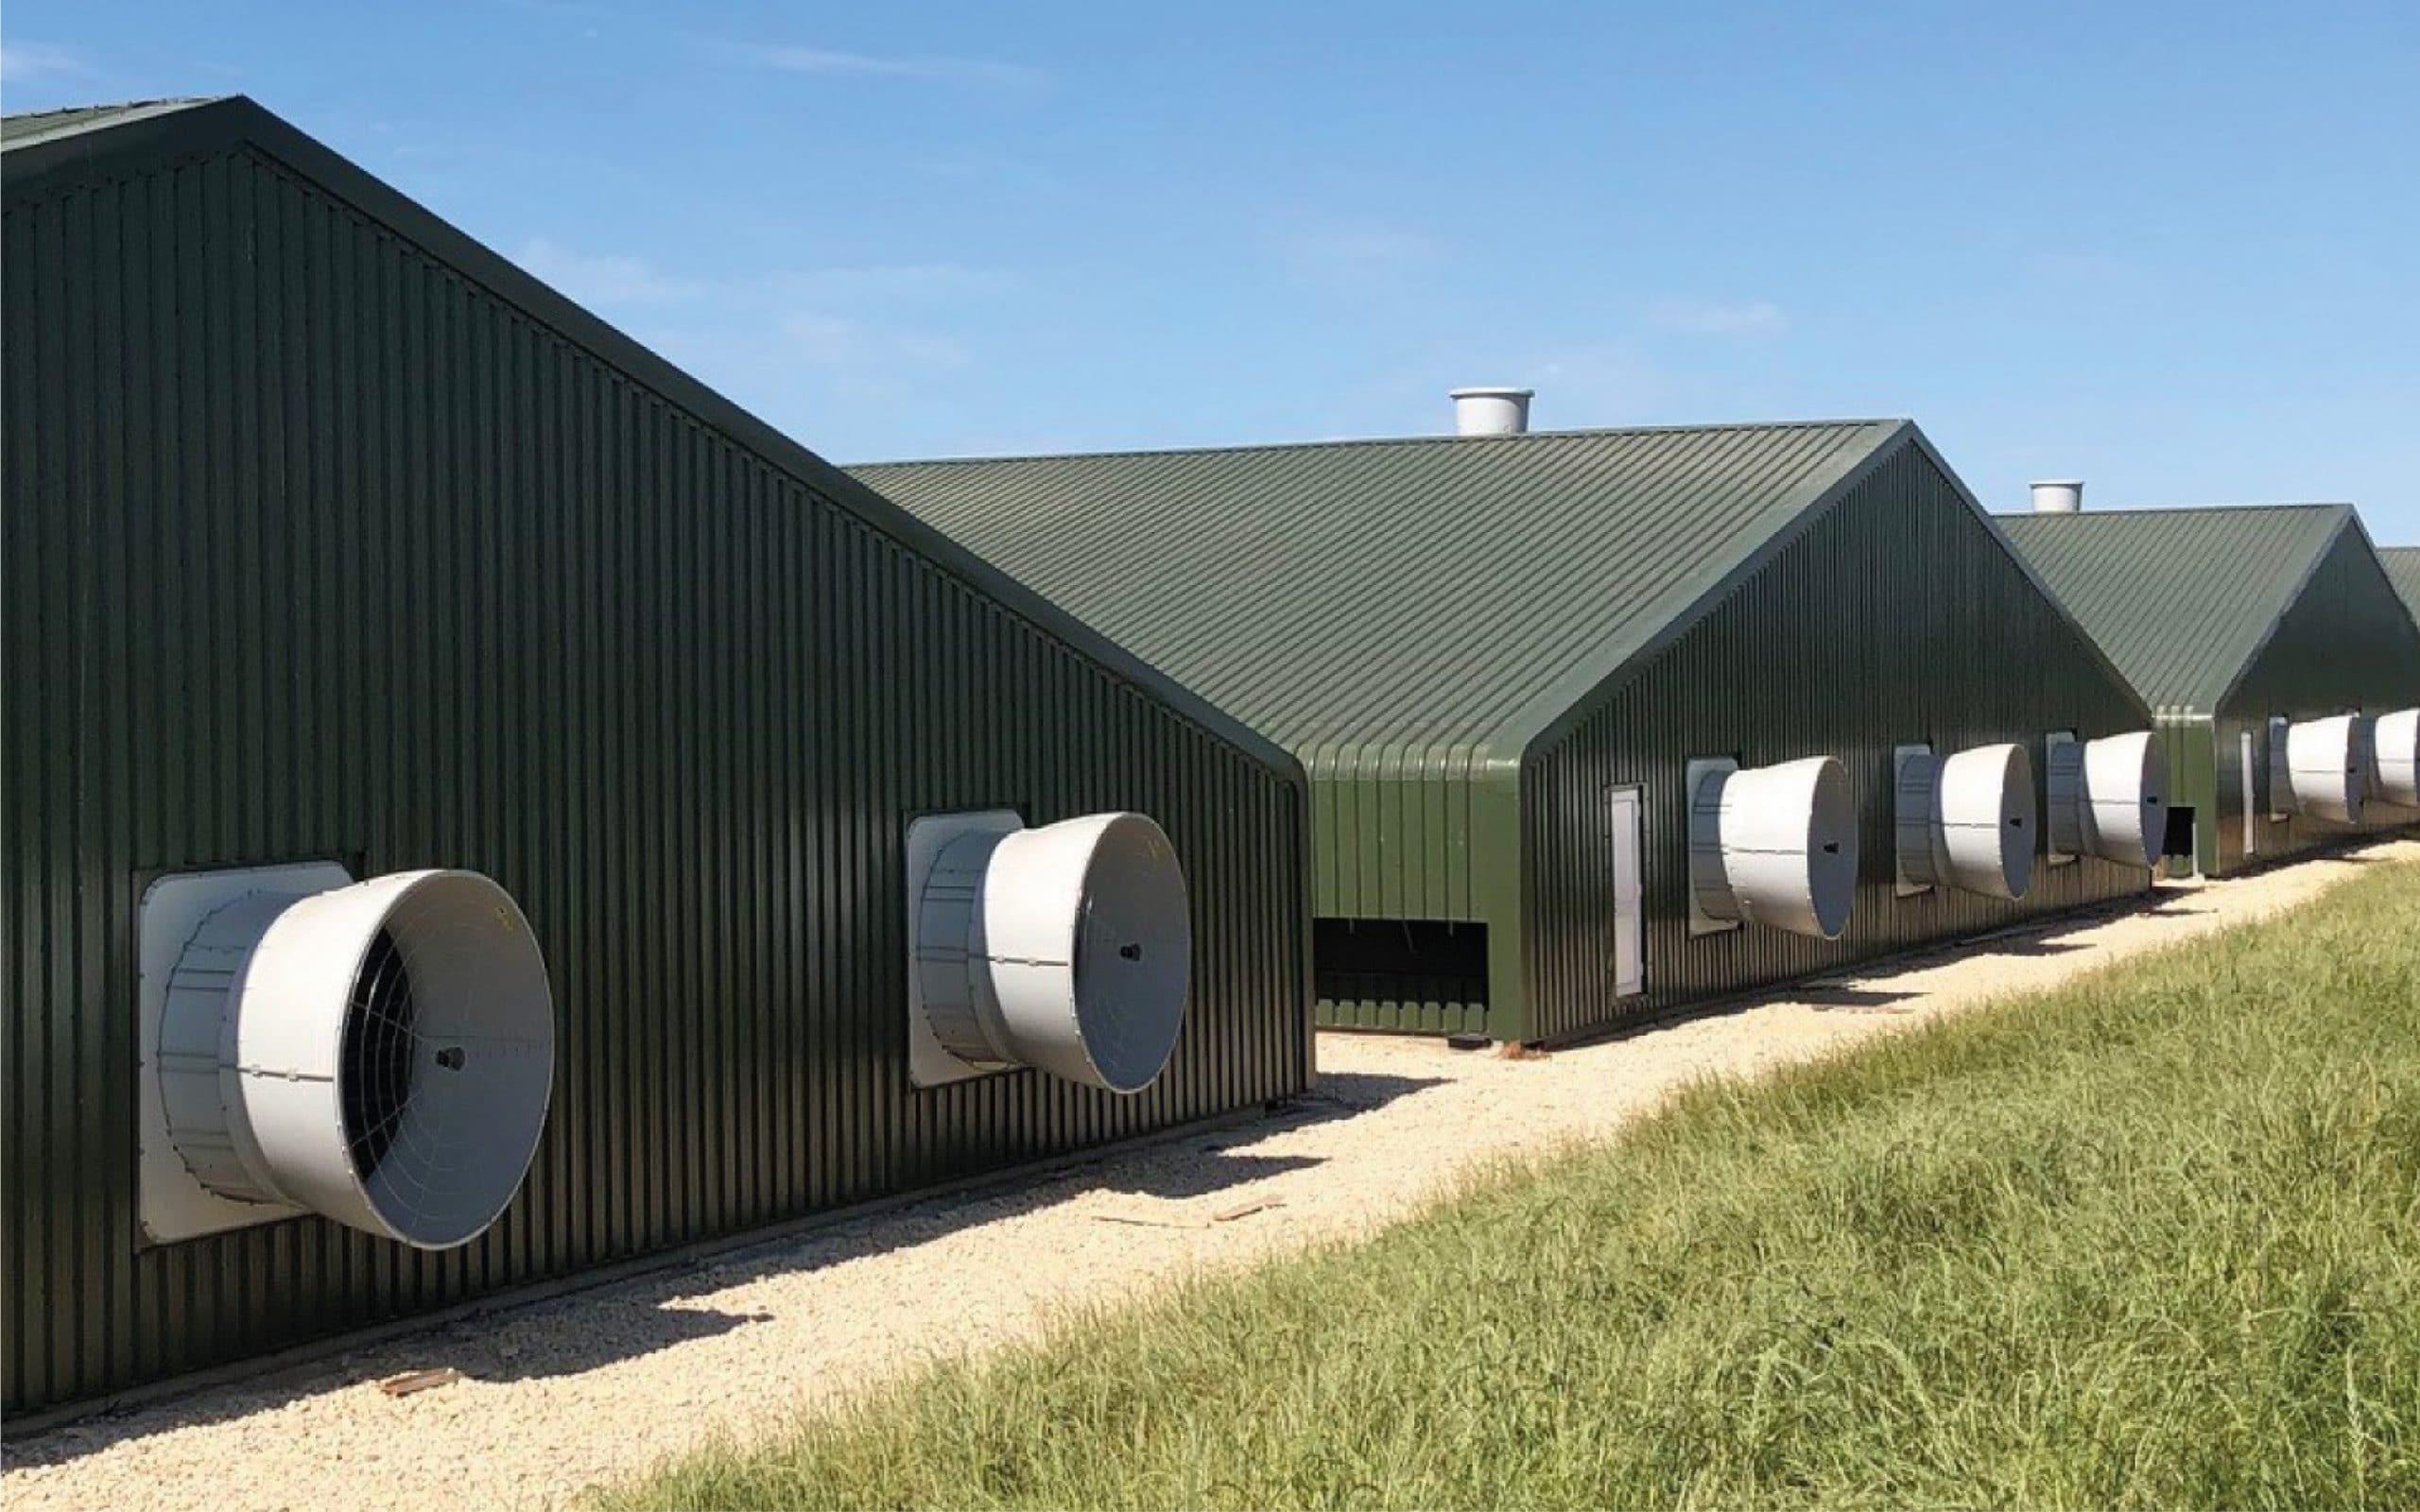 Ứng dụng mô phỏng CFD để kiểm soát khí hậu trong chuồng trại chăn nuôi